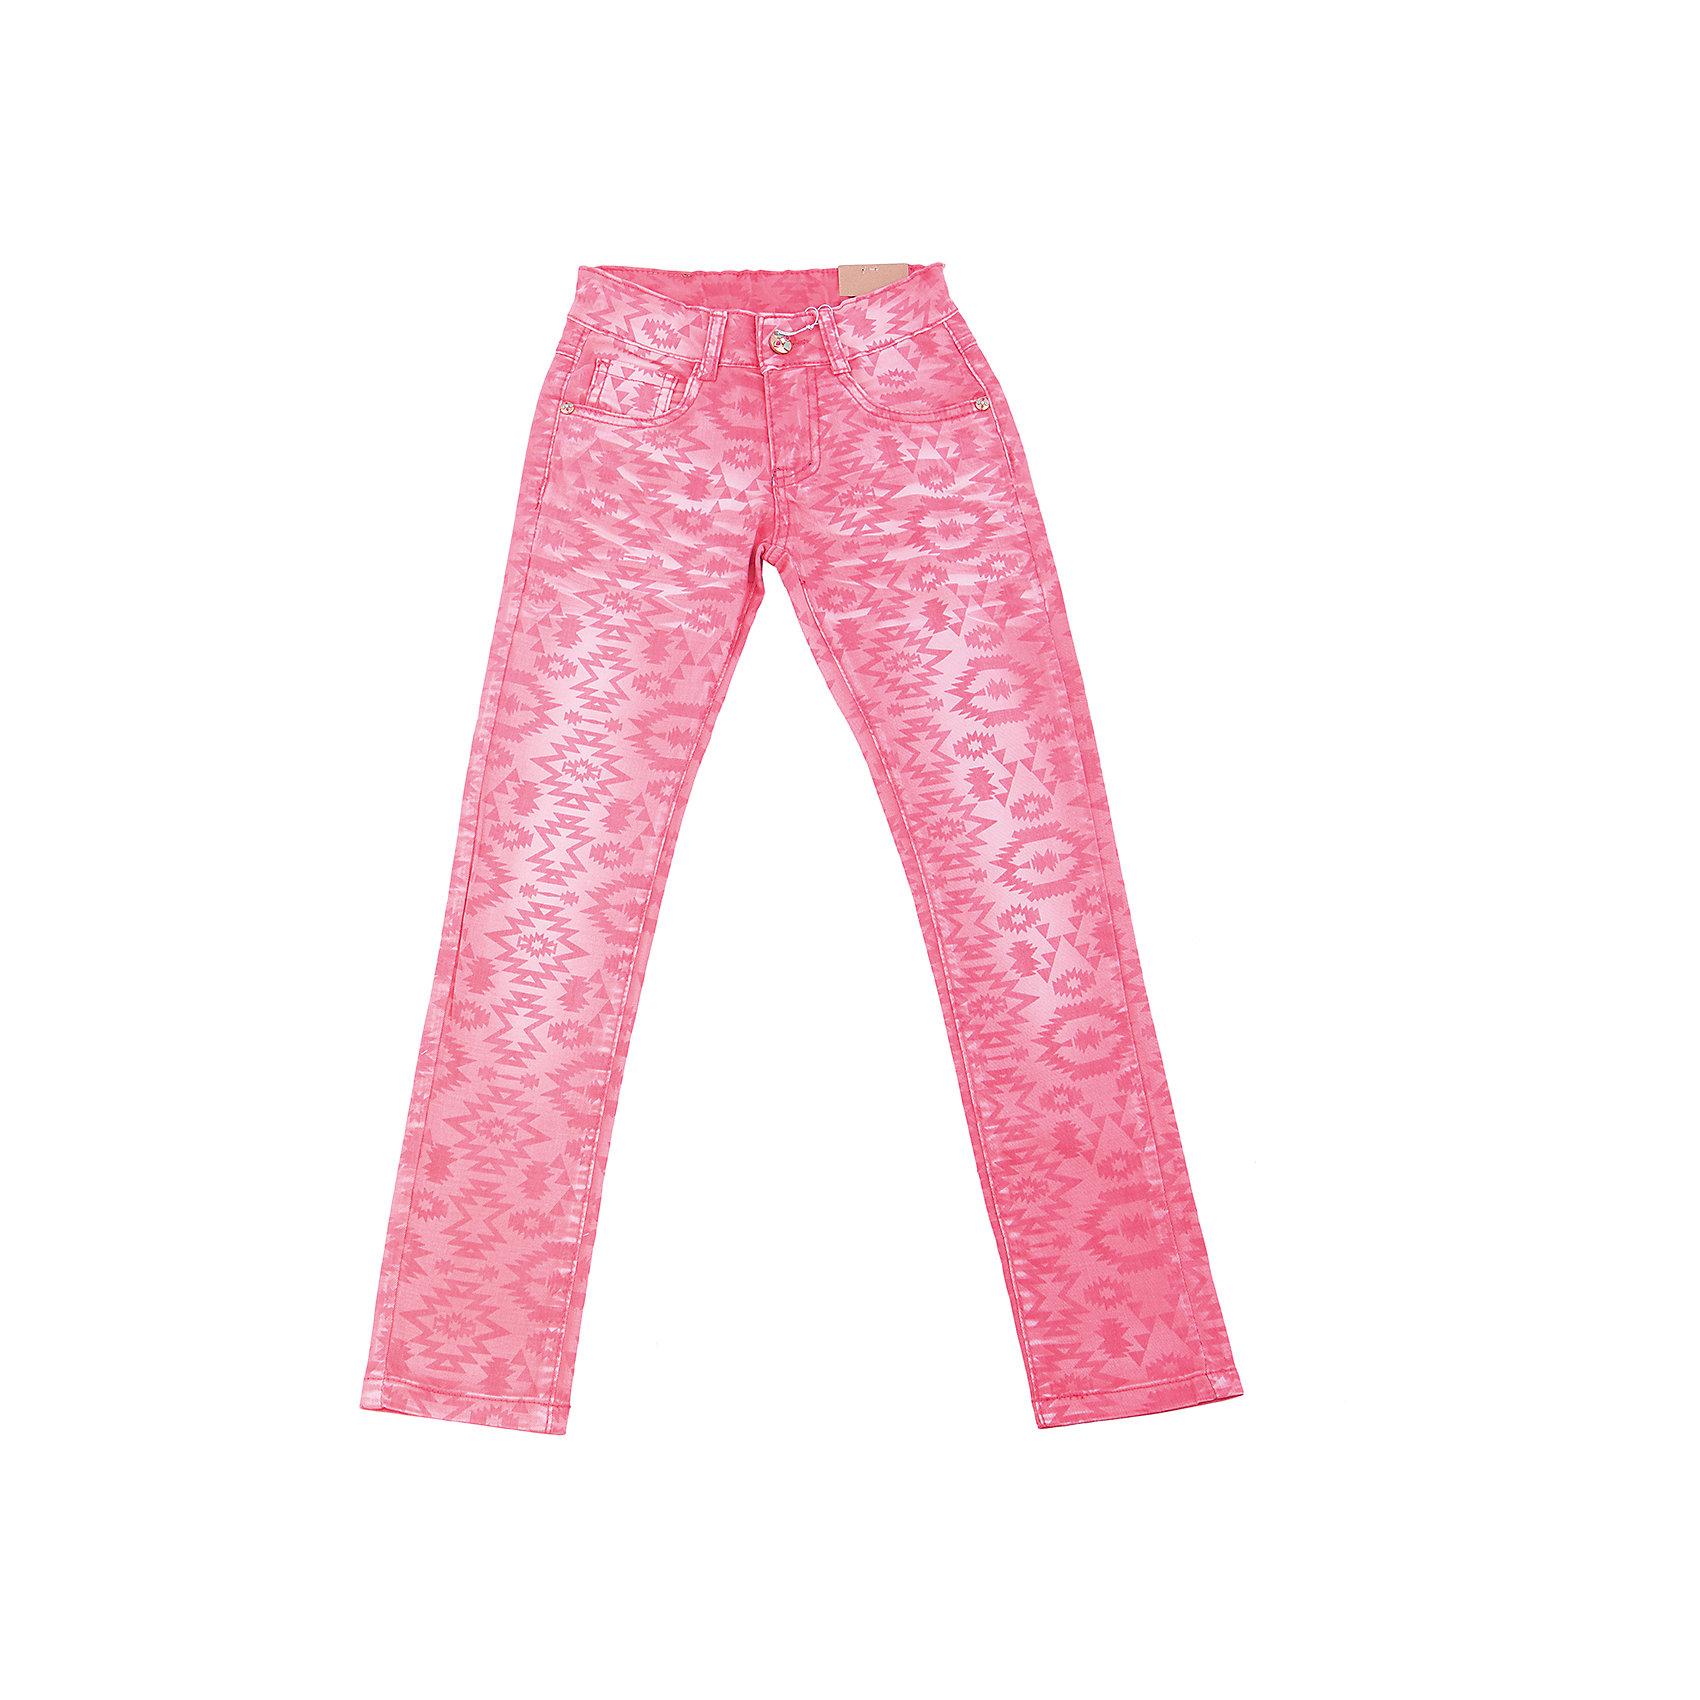 Брюки для девочки LuminosoСтильные джинсовые брюки для девочки. Зауженный крой. Застегиваются на молнию и пуговицу. Шлевки на поясе рассчитаны под ремень. В боковой части пояса находятся вшитые эластичные ленты, регулирующие посадку по талии.<br>Состав:<br>98%хлопок 2%эластан<br><br>Ширина мм: 215<br>Глубина мм: 88<br>Высота мм: 191<br>Вес г: 336<br>Цвет: розовый<br>Возраст от месяцев: 96<br>Возраст до месяцев: 108<br>Пол: Женский<br>Возраст: Детский<br>Размер: 134,140,146,152,158,164<br>SKU: 5413640